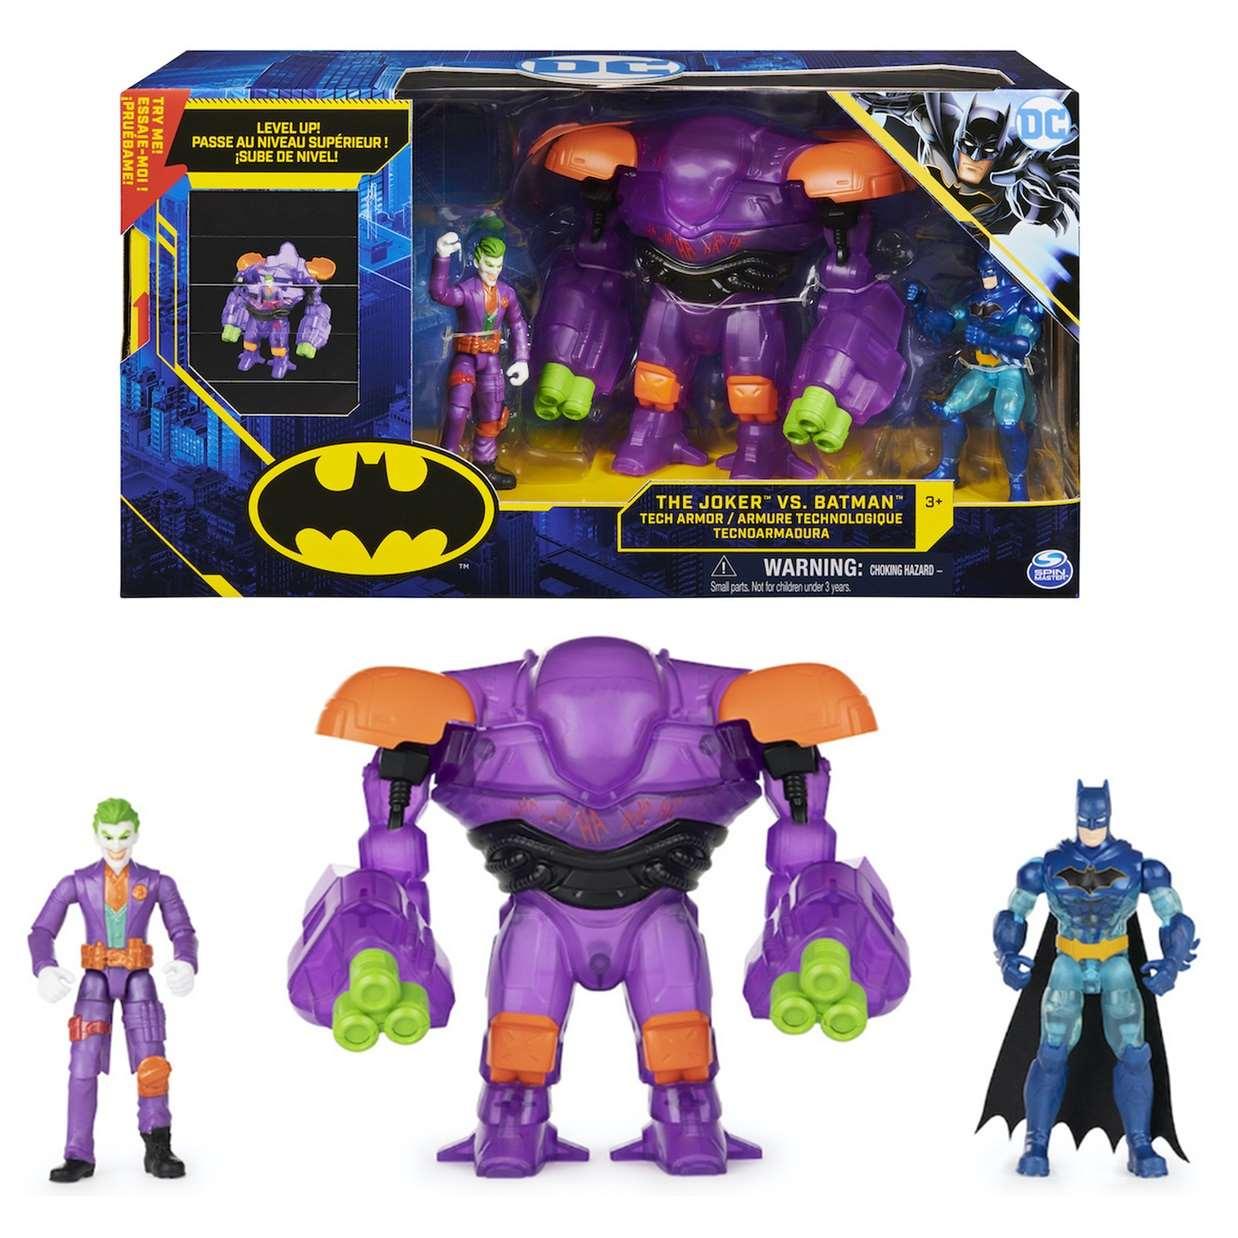 The Joker vs Batman 1st Edition Tech Armor Spin Master 4 Pulg